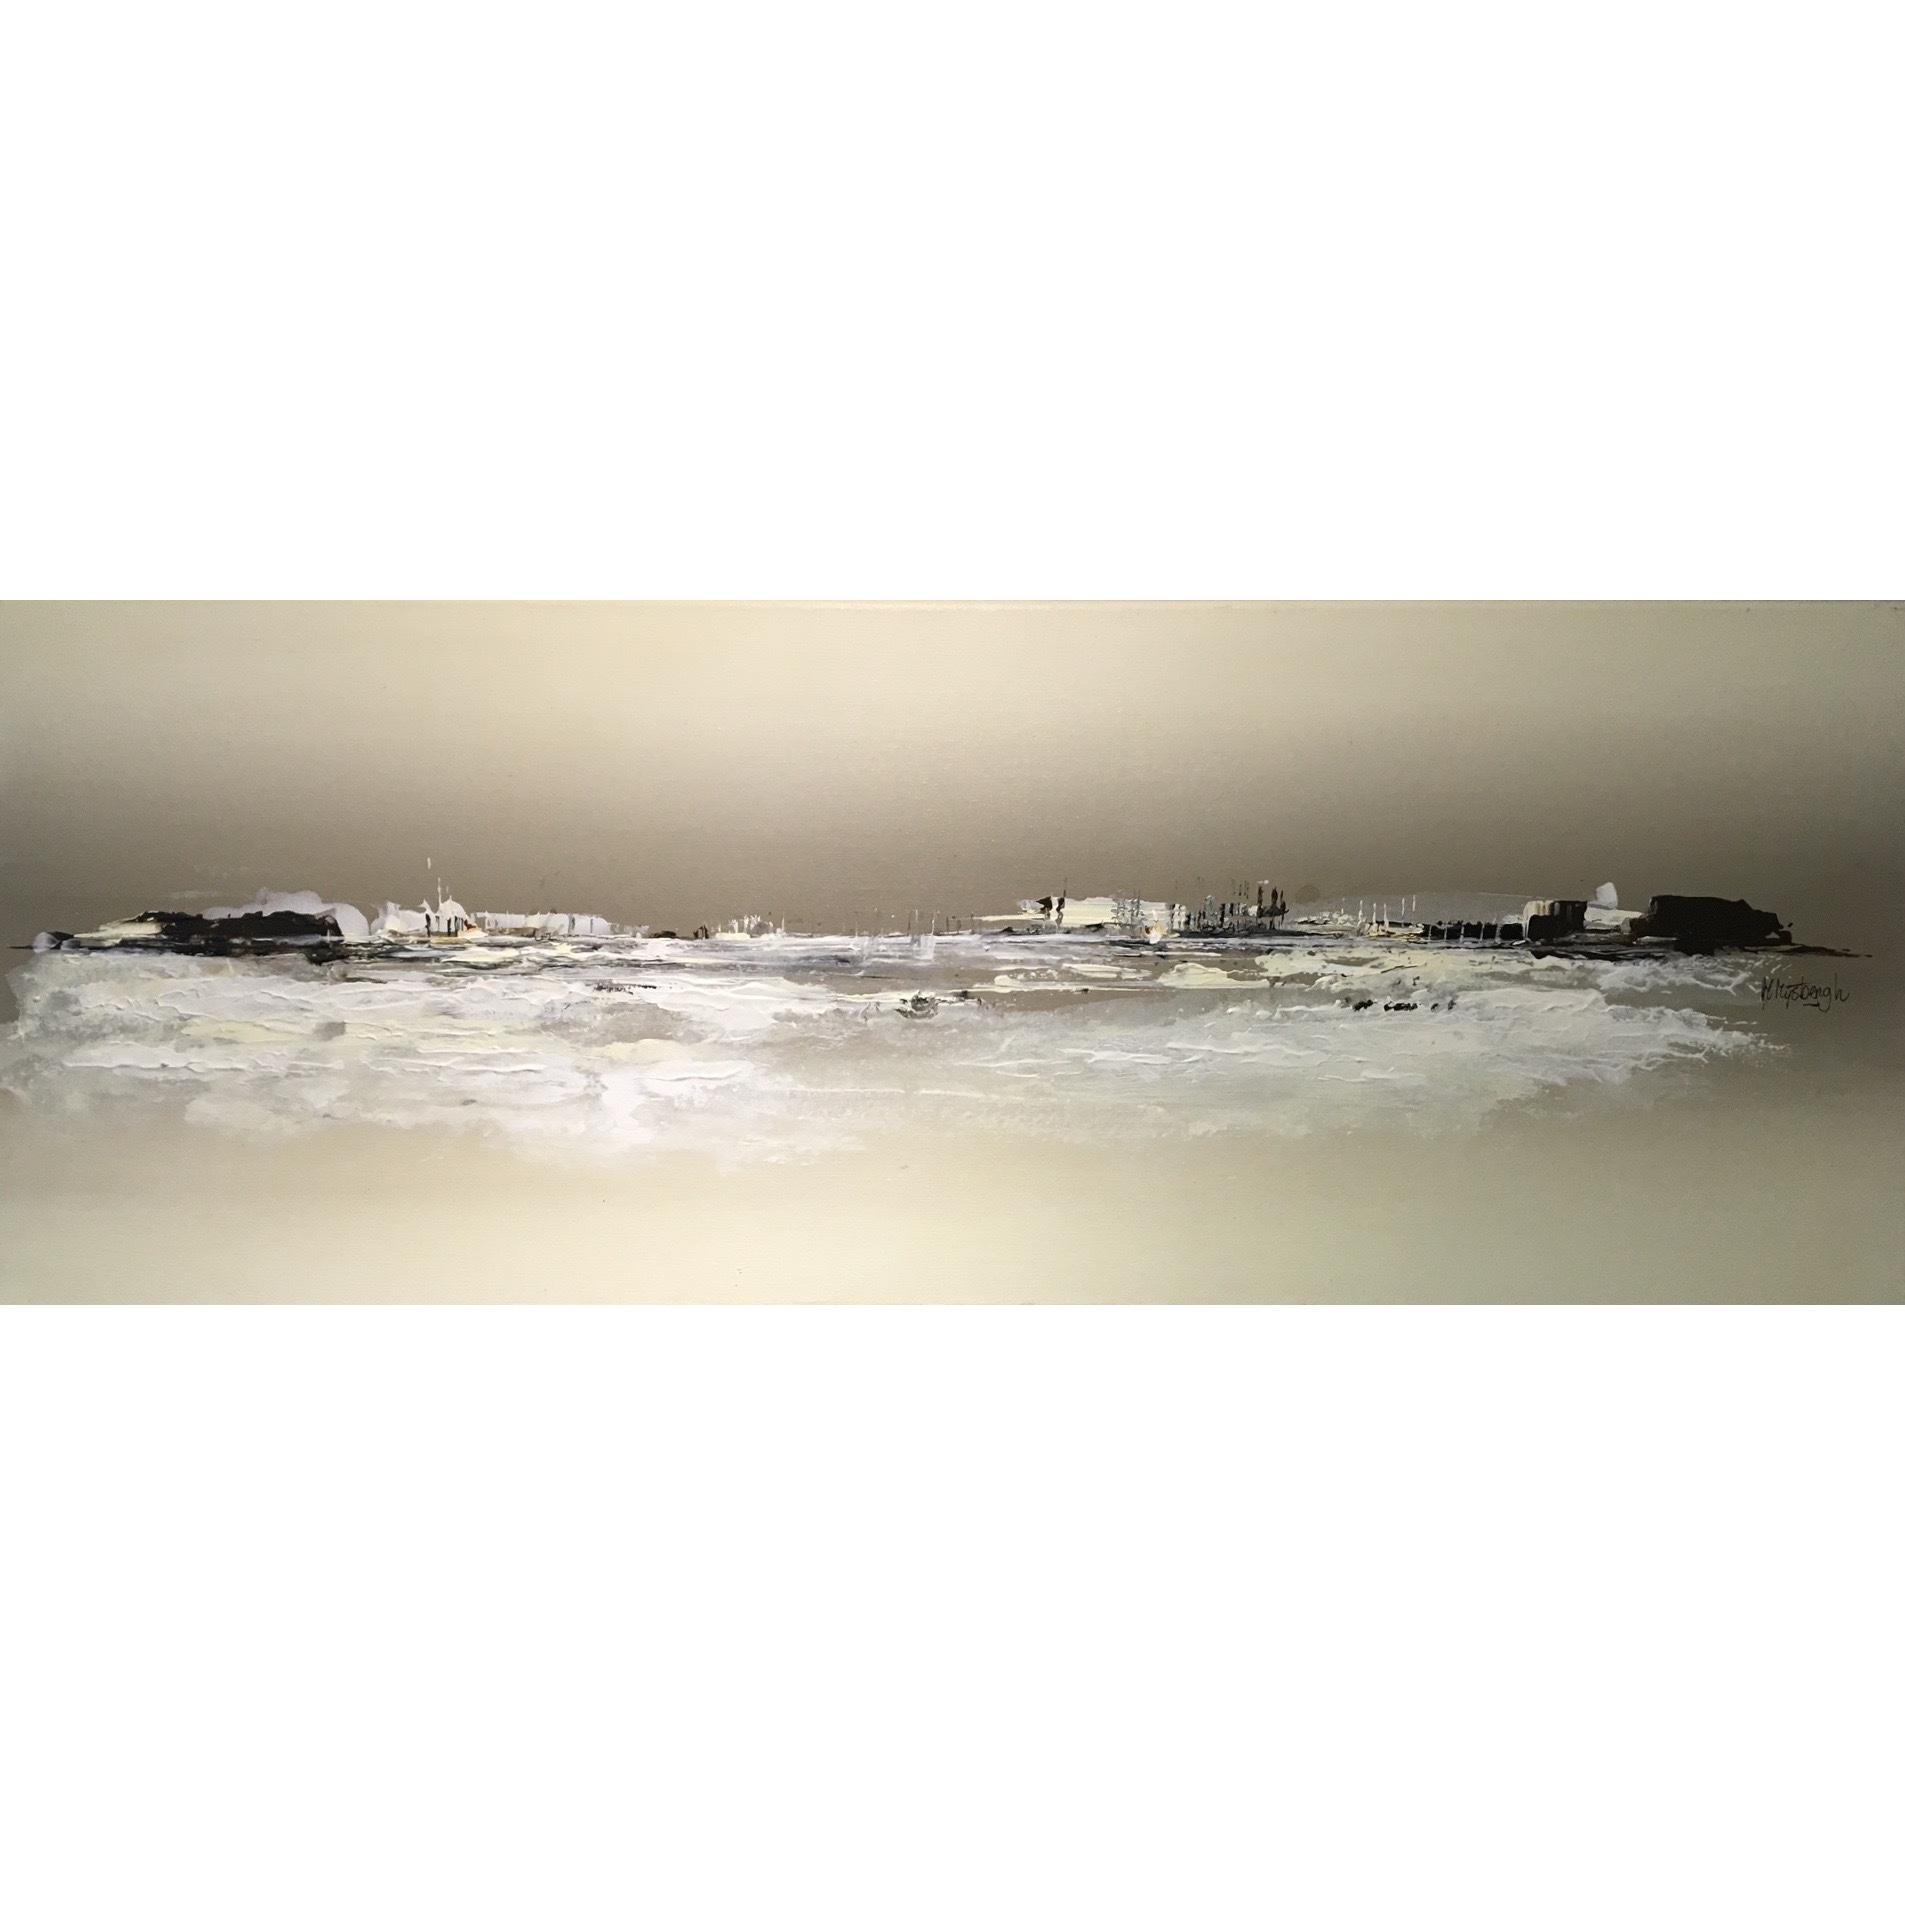 Margret Mijsbergh schilderij 'White world'